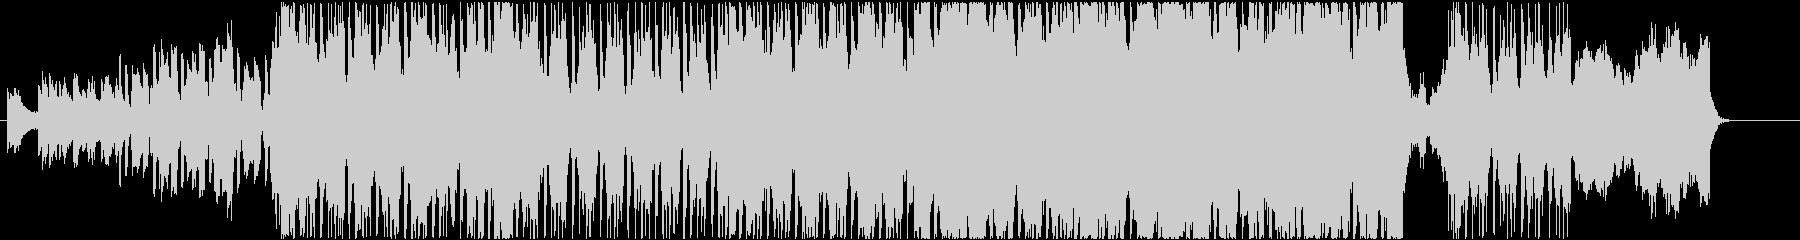 ストリングスが壮大なアラビアンロックの未再生の波形